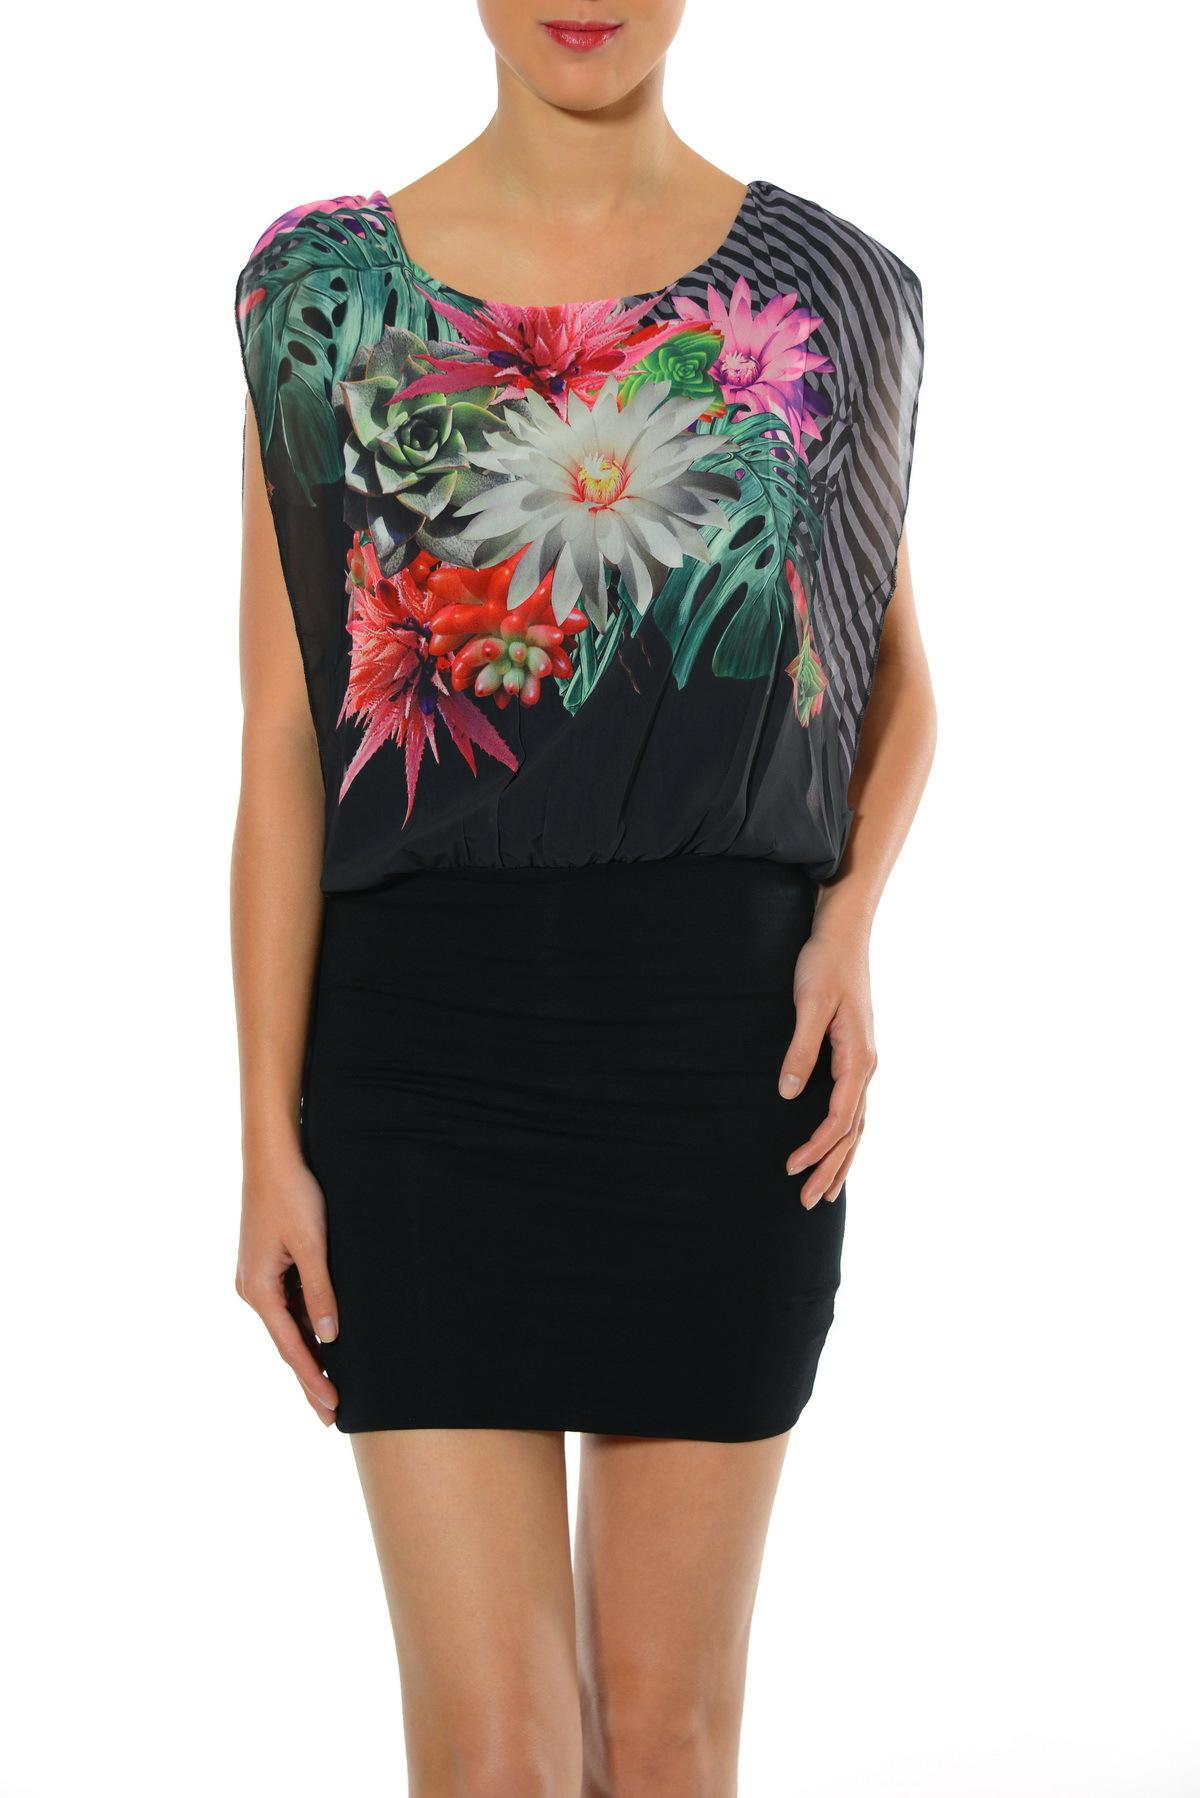 Smash! Spain: Georgette Bouquet Cocktail Dress Low Quantity! SMASH_S1561116